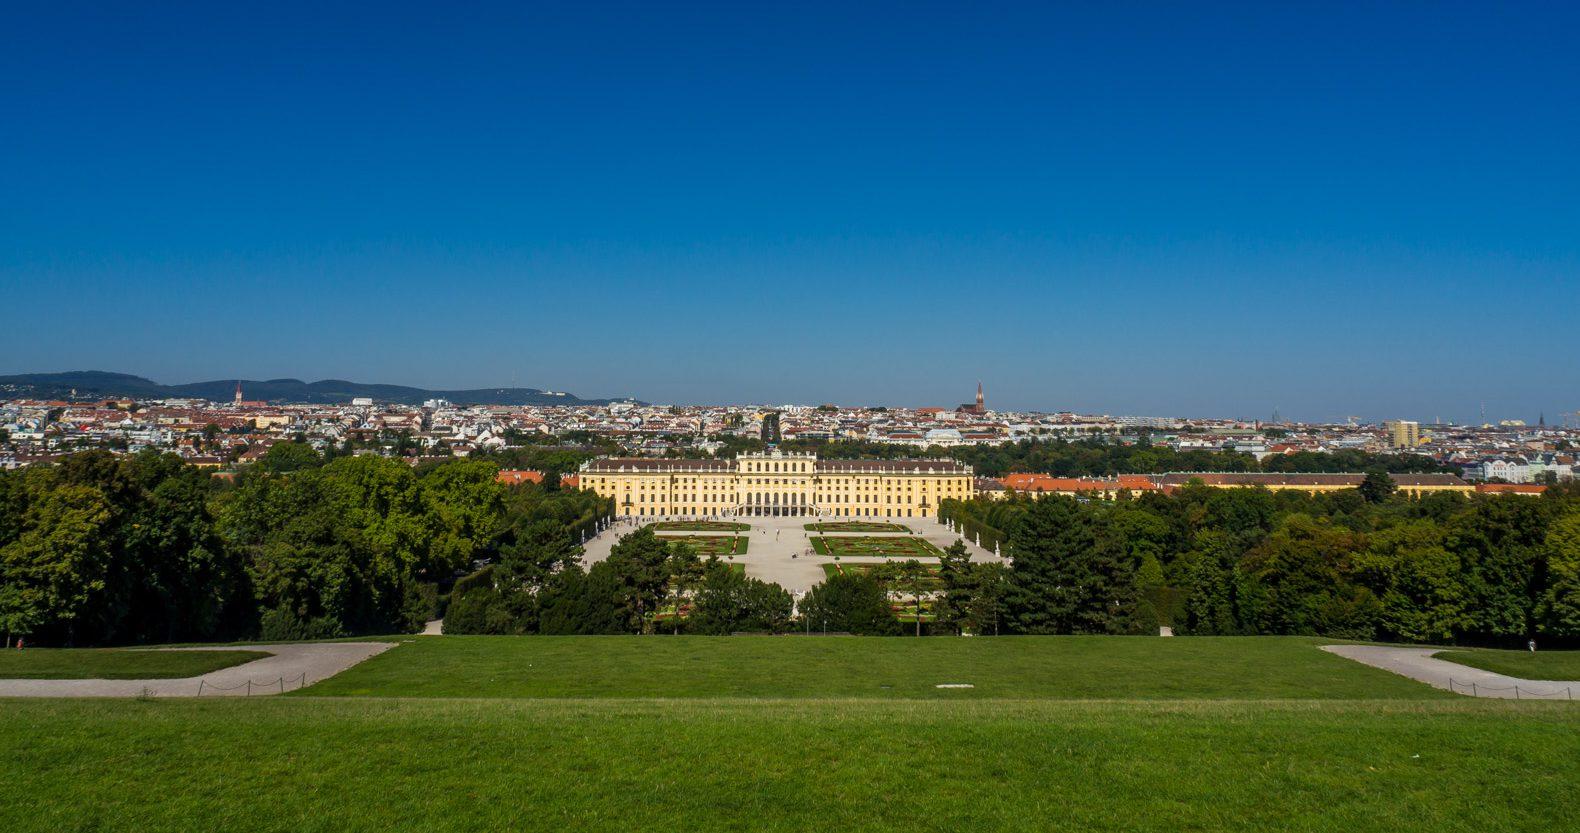 Schönbrunn Palace as seen from the palace gardens